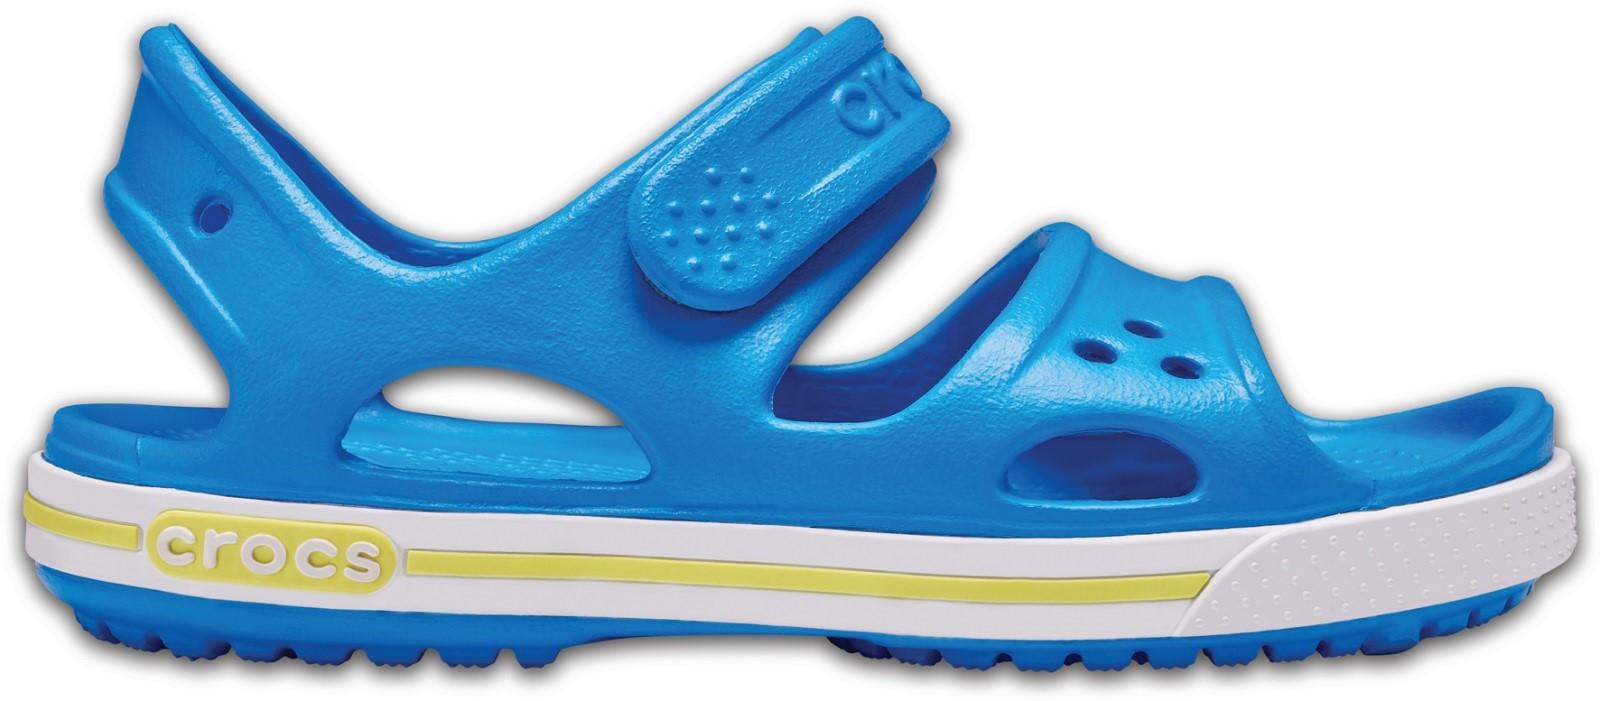 73ebc3105a9 Dětské sandály Crocs Crocband™ II modrá zelená